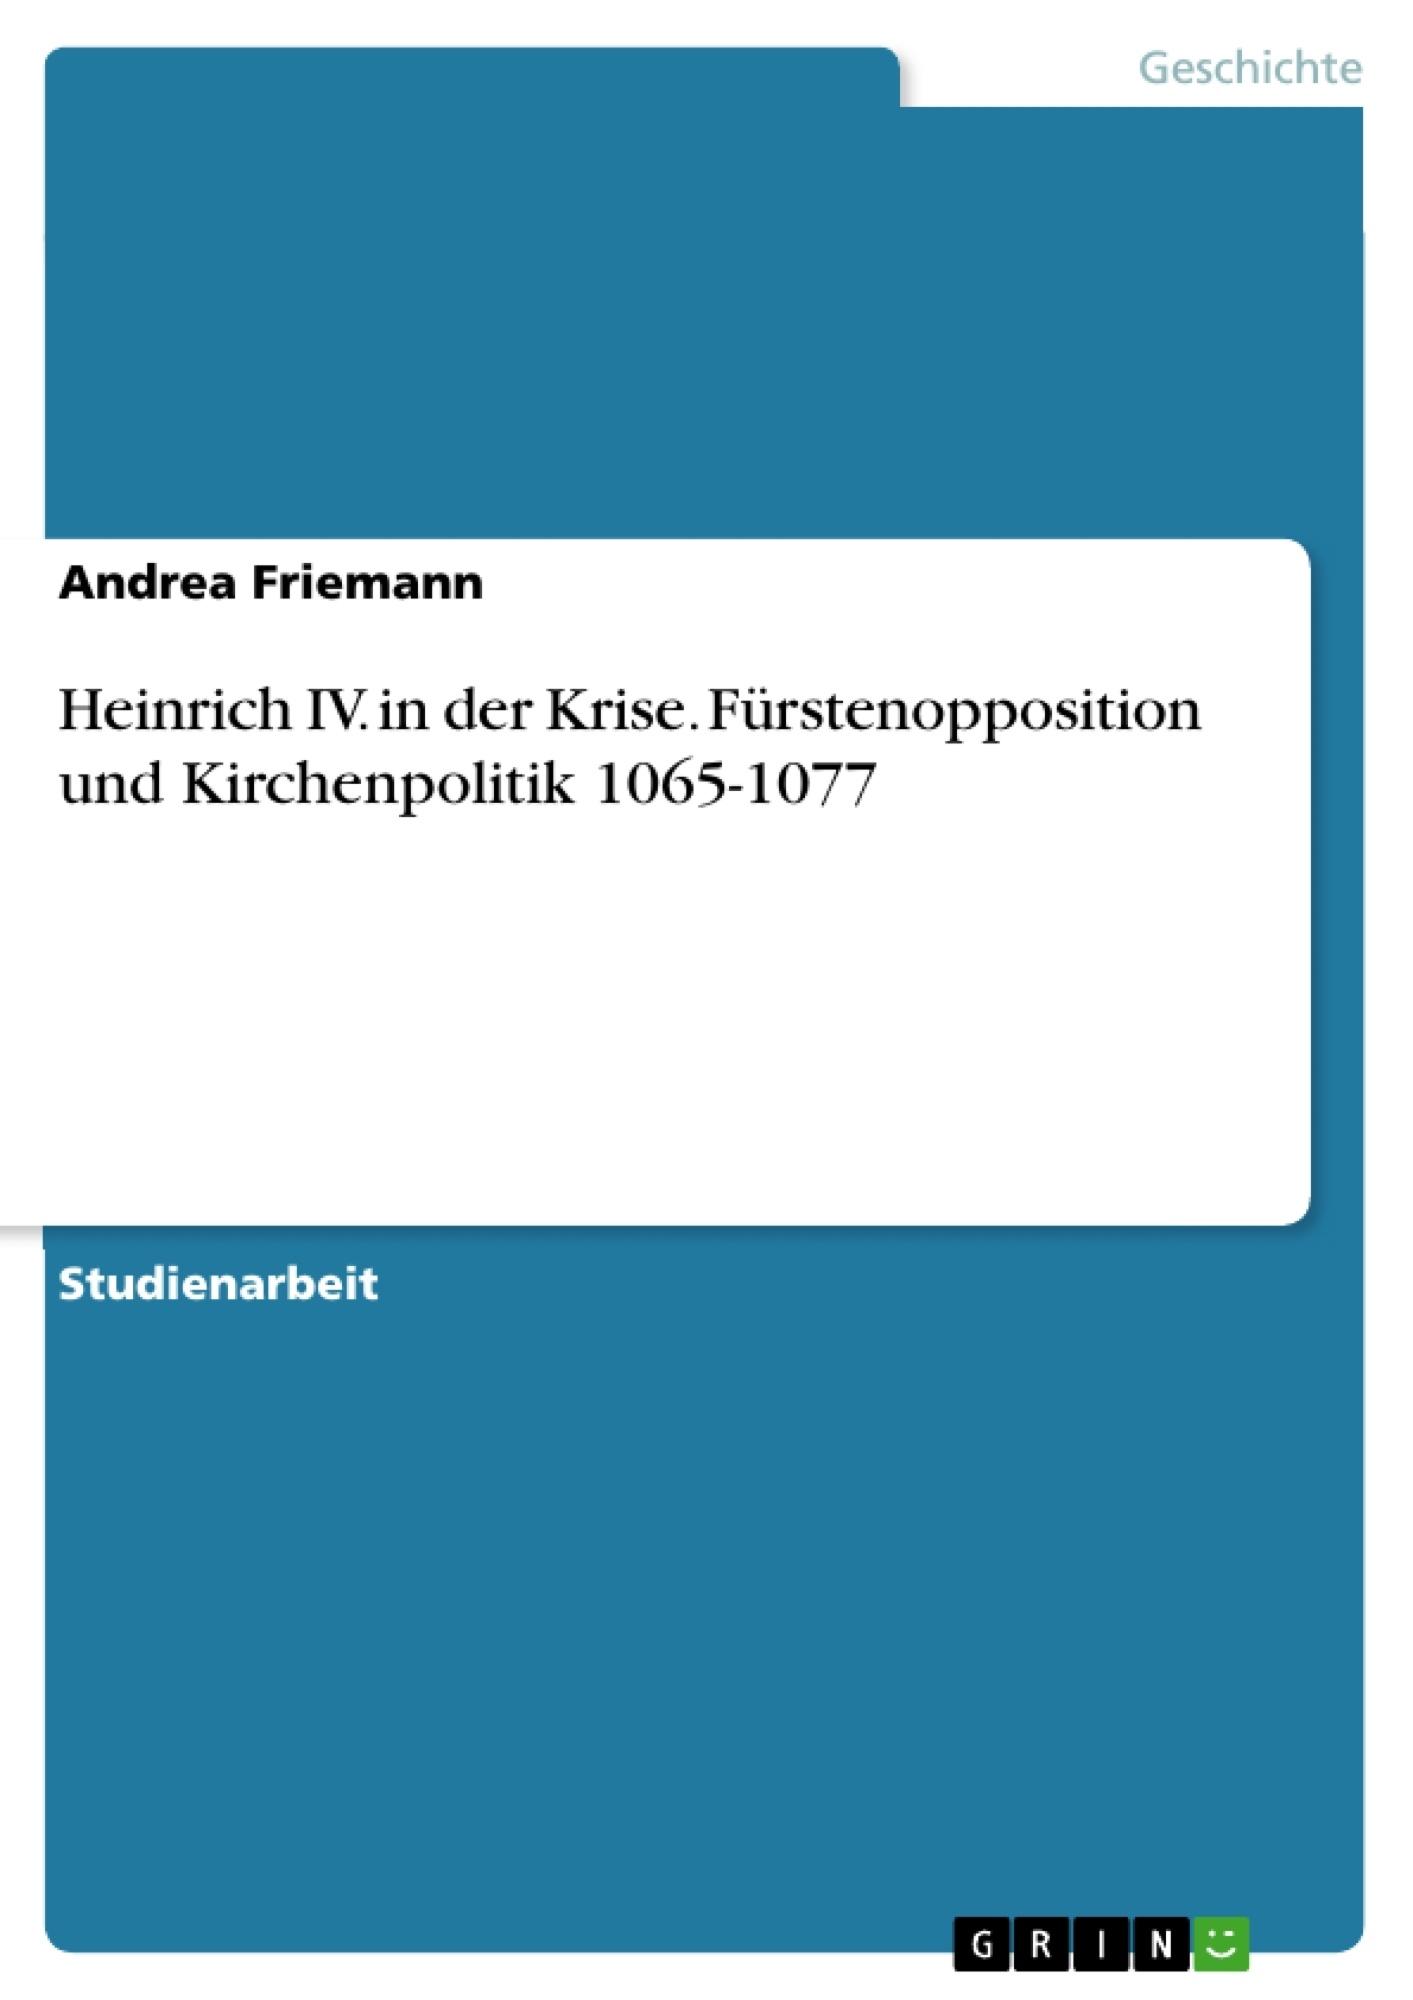 Titel: Heinrich IV. in der Krise. Fürstenopposition und Kirchenpolitik 1065-1077